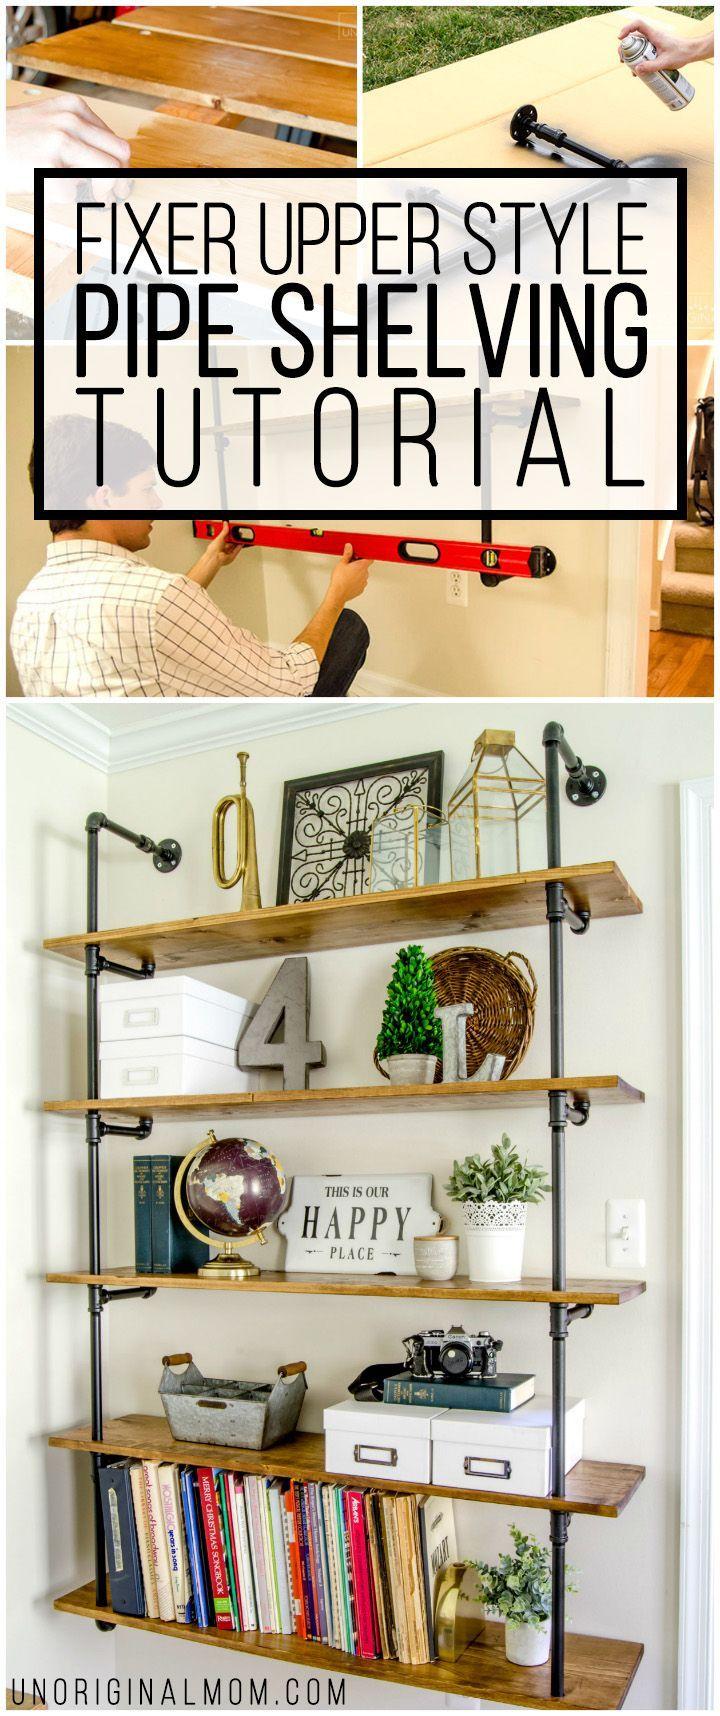 Best 25 building shelves ideas on pinterest build shelves easy diy fixer upper pipe shelving tutorial amipublicfo Images